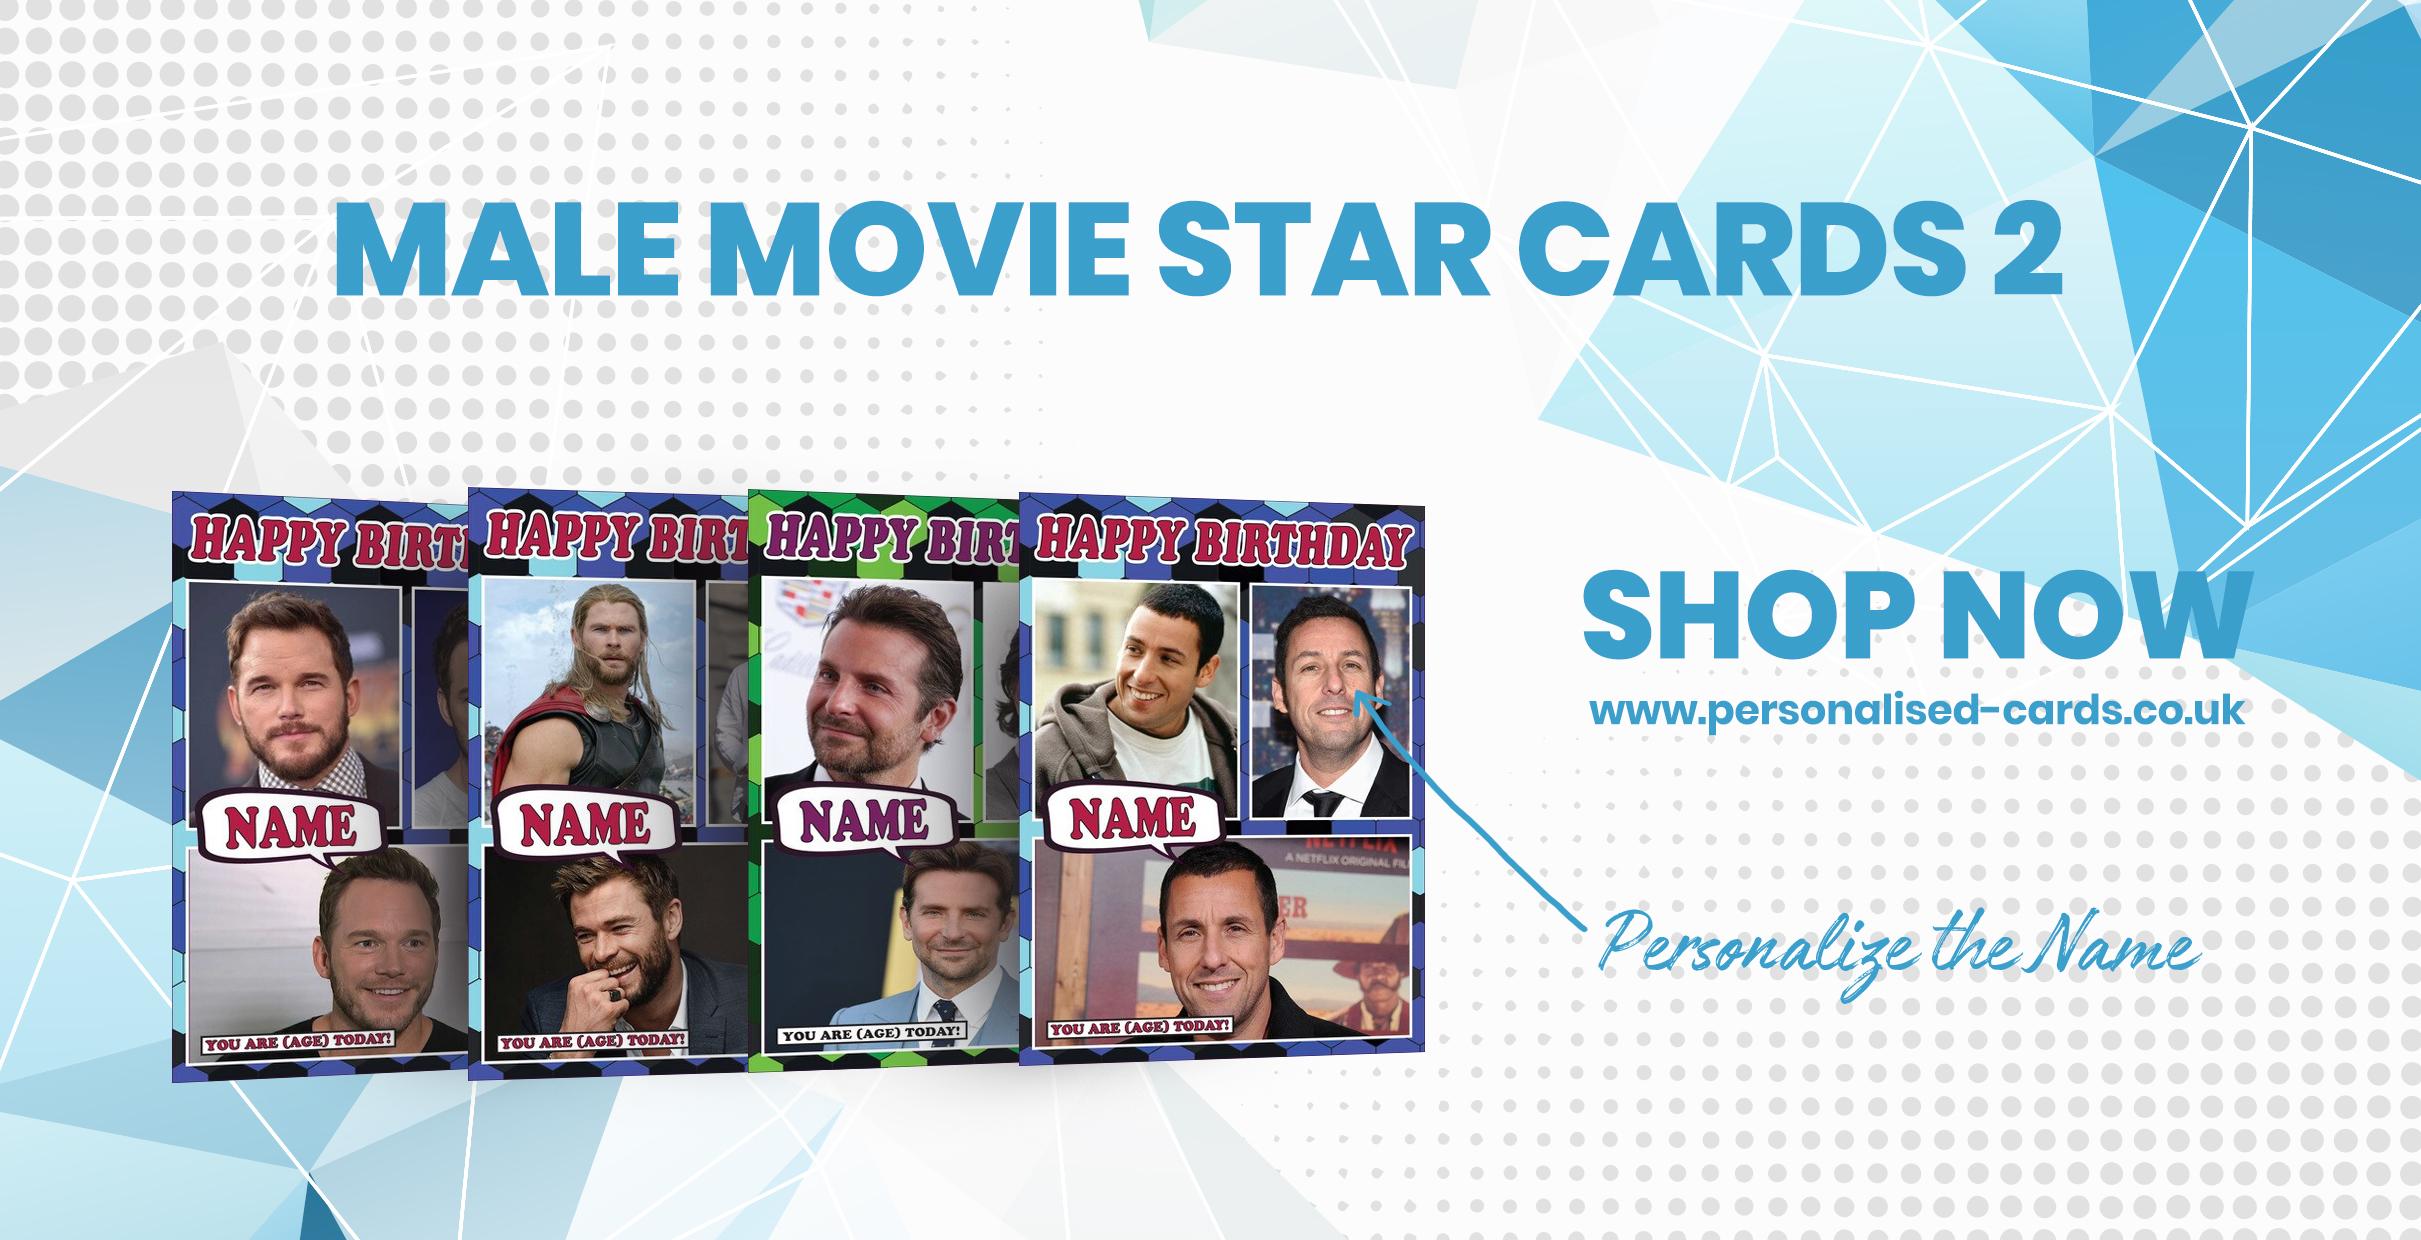 male-movie-star-cards-2.jpg